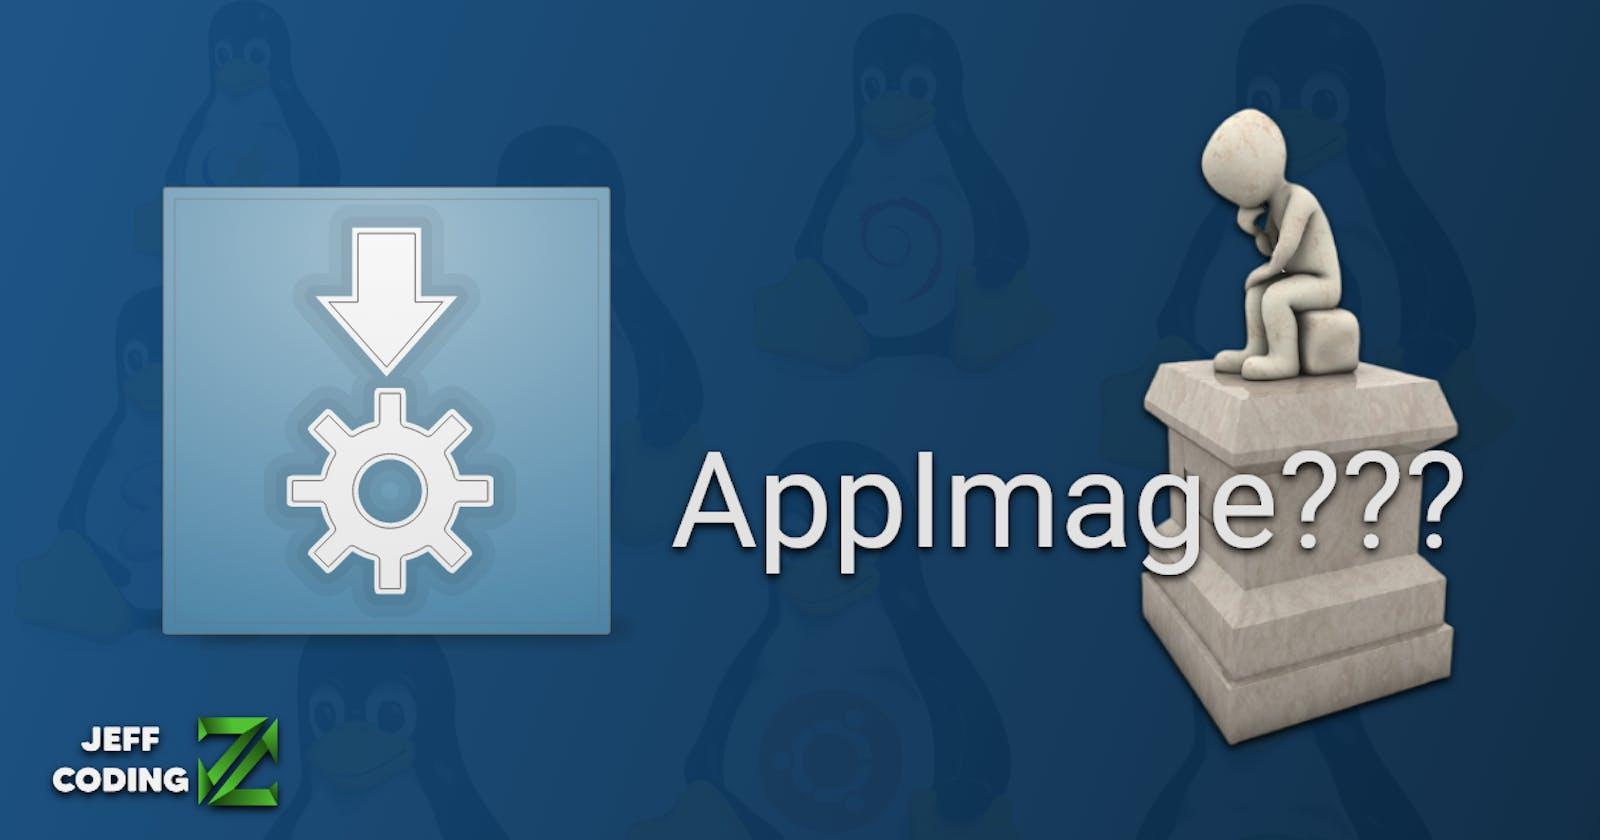 ¿Qué es una AppImage? ¿Cómo se instala y ejecuta?